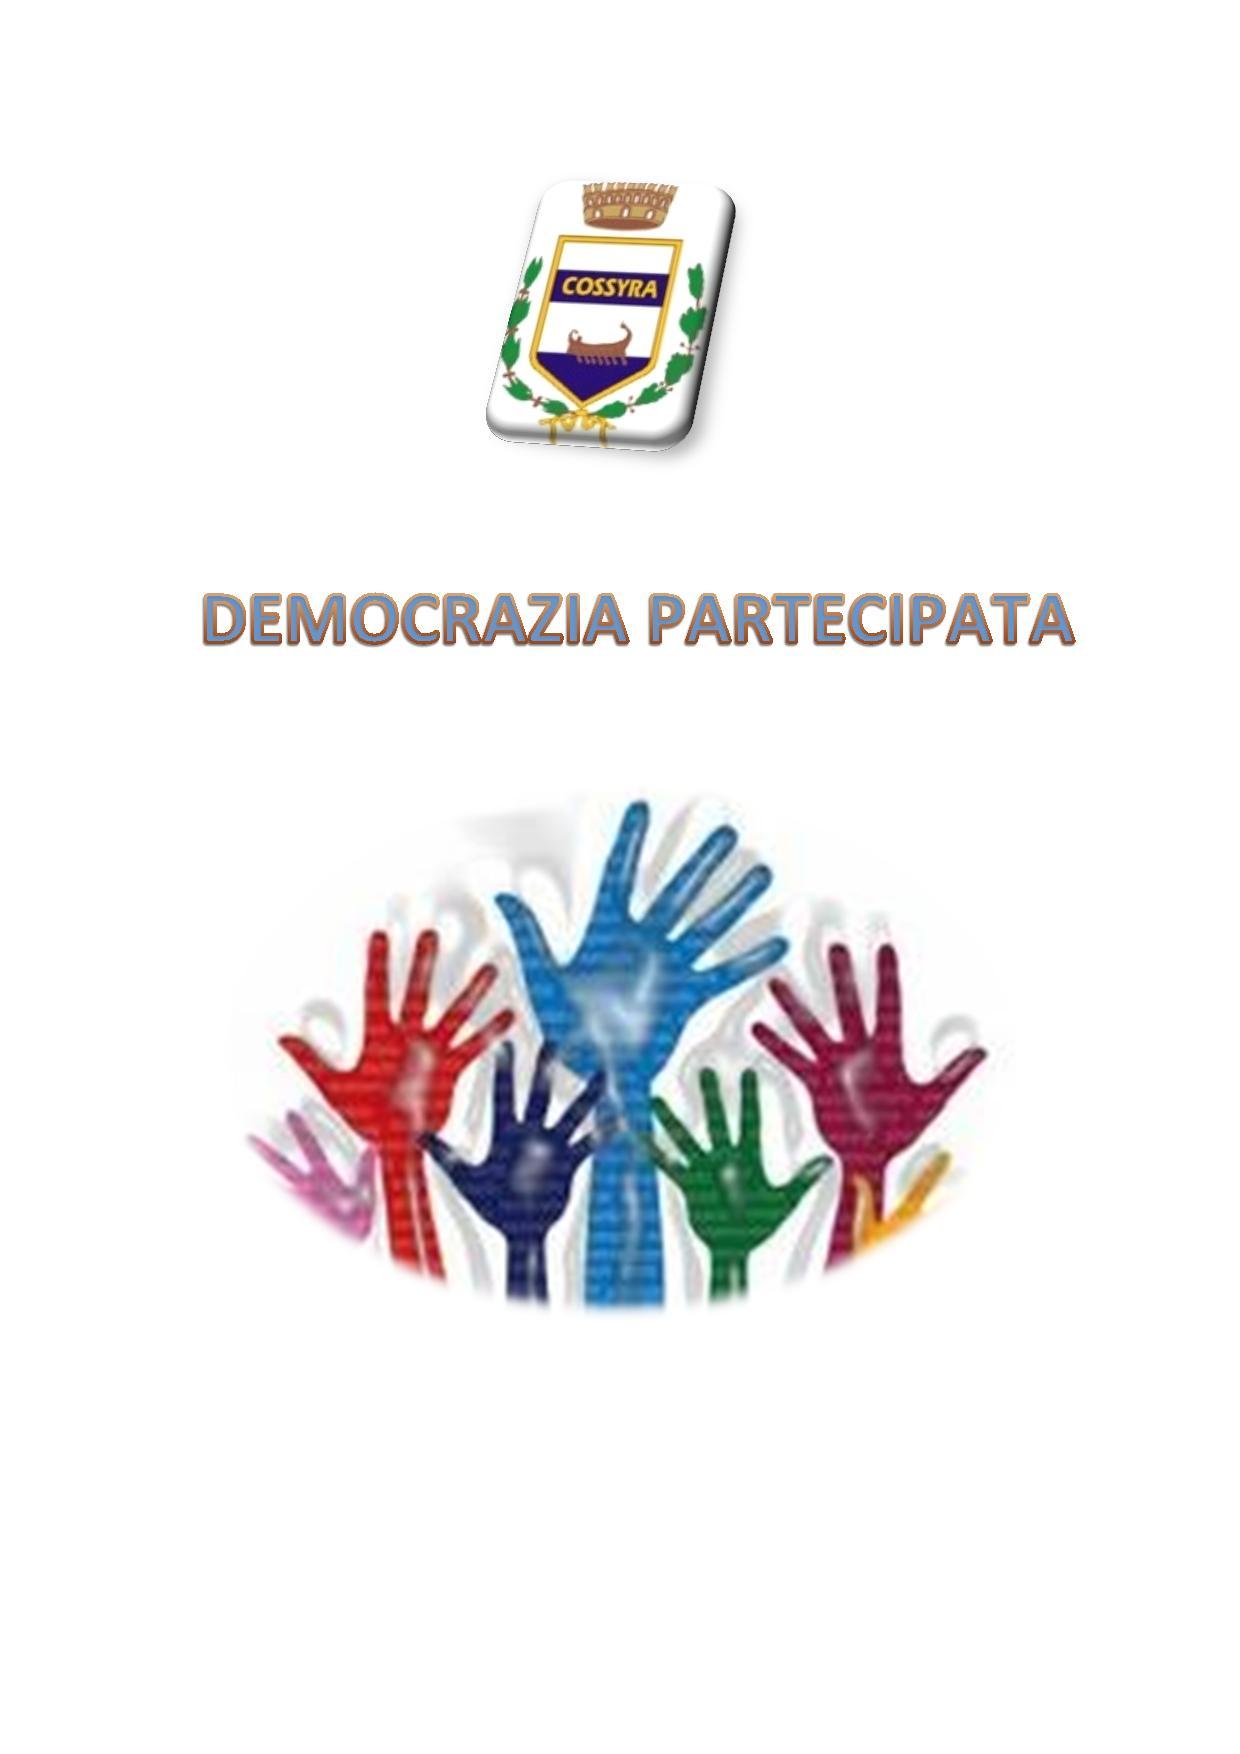 Democrazia Partecipata